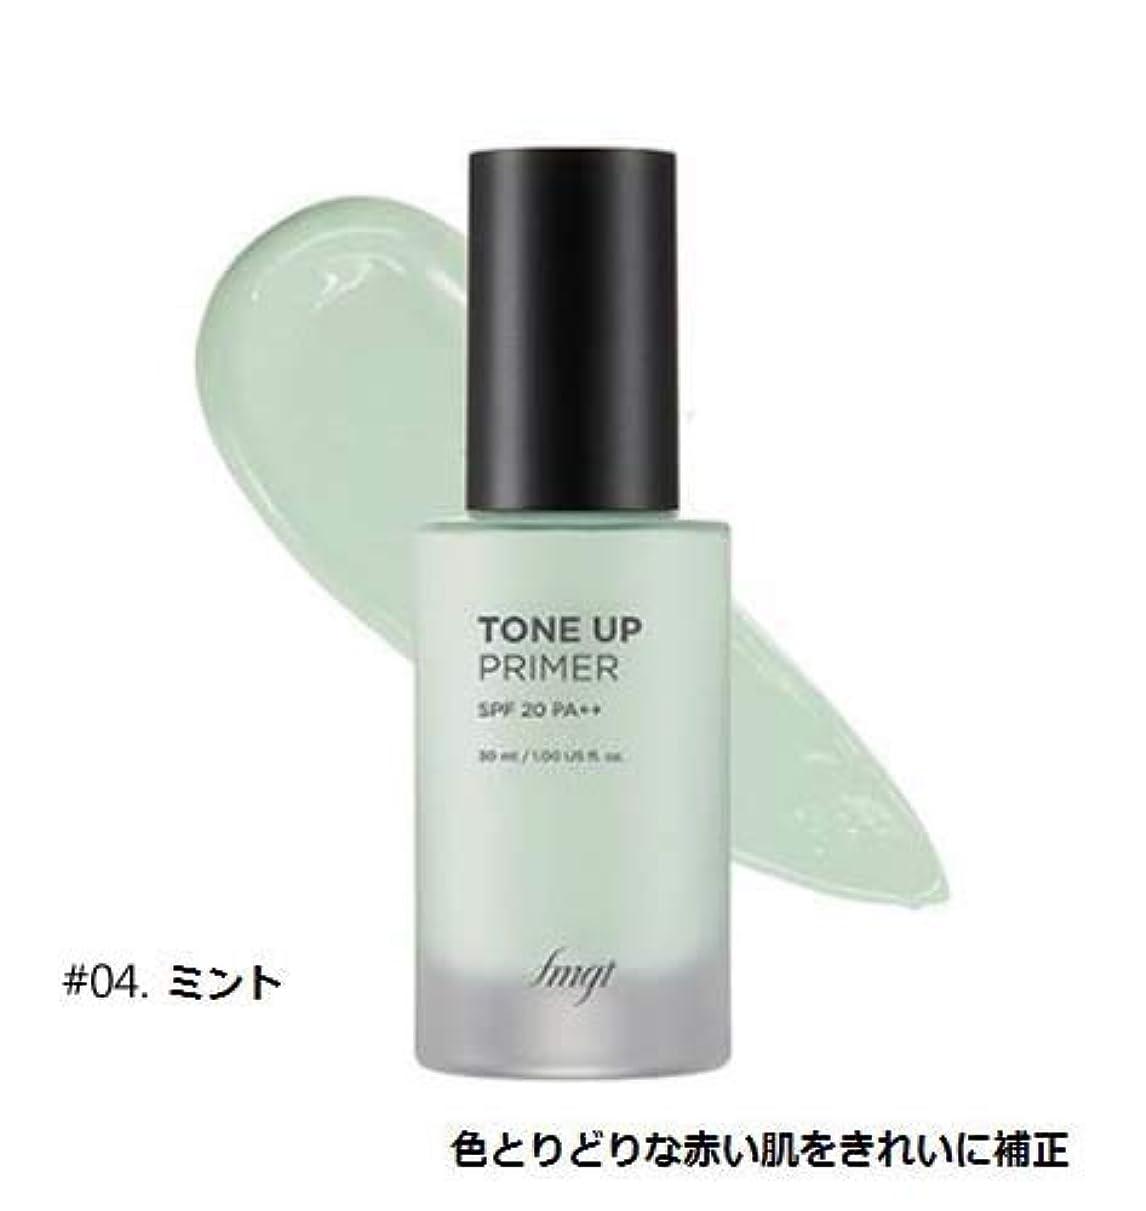 年次投資おもてなし[ザ?フェイスショップ] THE FACE SHOP [トンオプ プライマー 30ml] (Tone Up Primer SPF20 PA++ 30ml) [海外直送品] (#04. ミント)